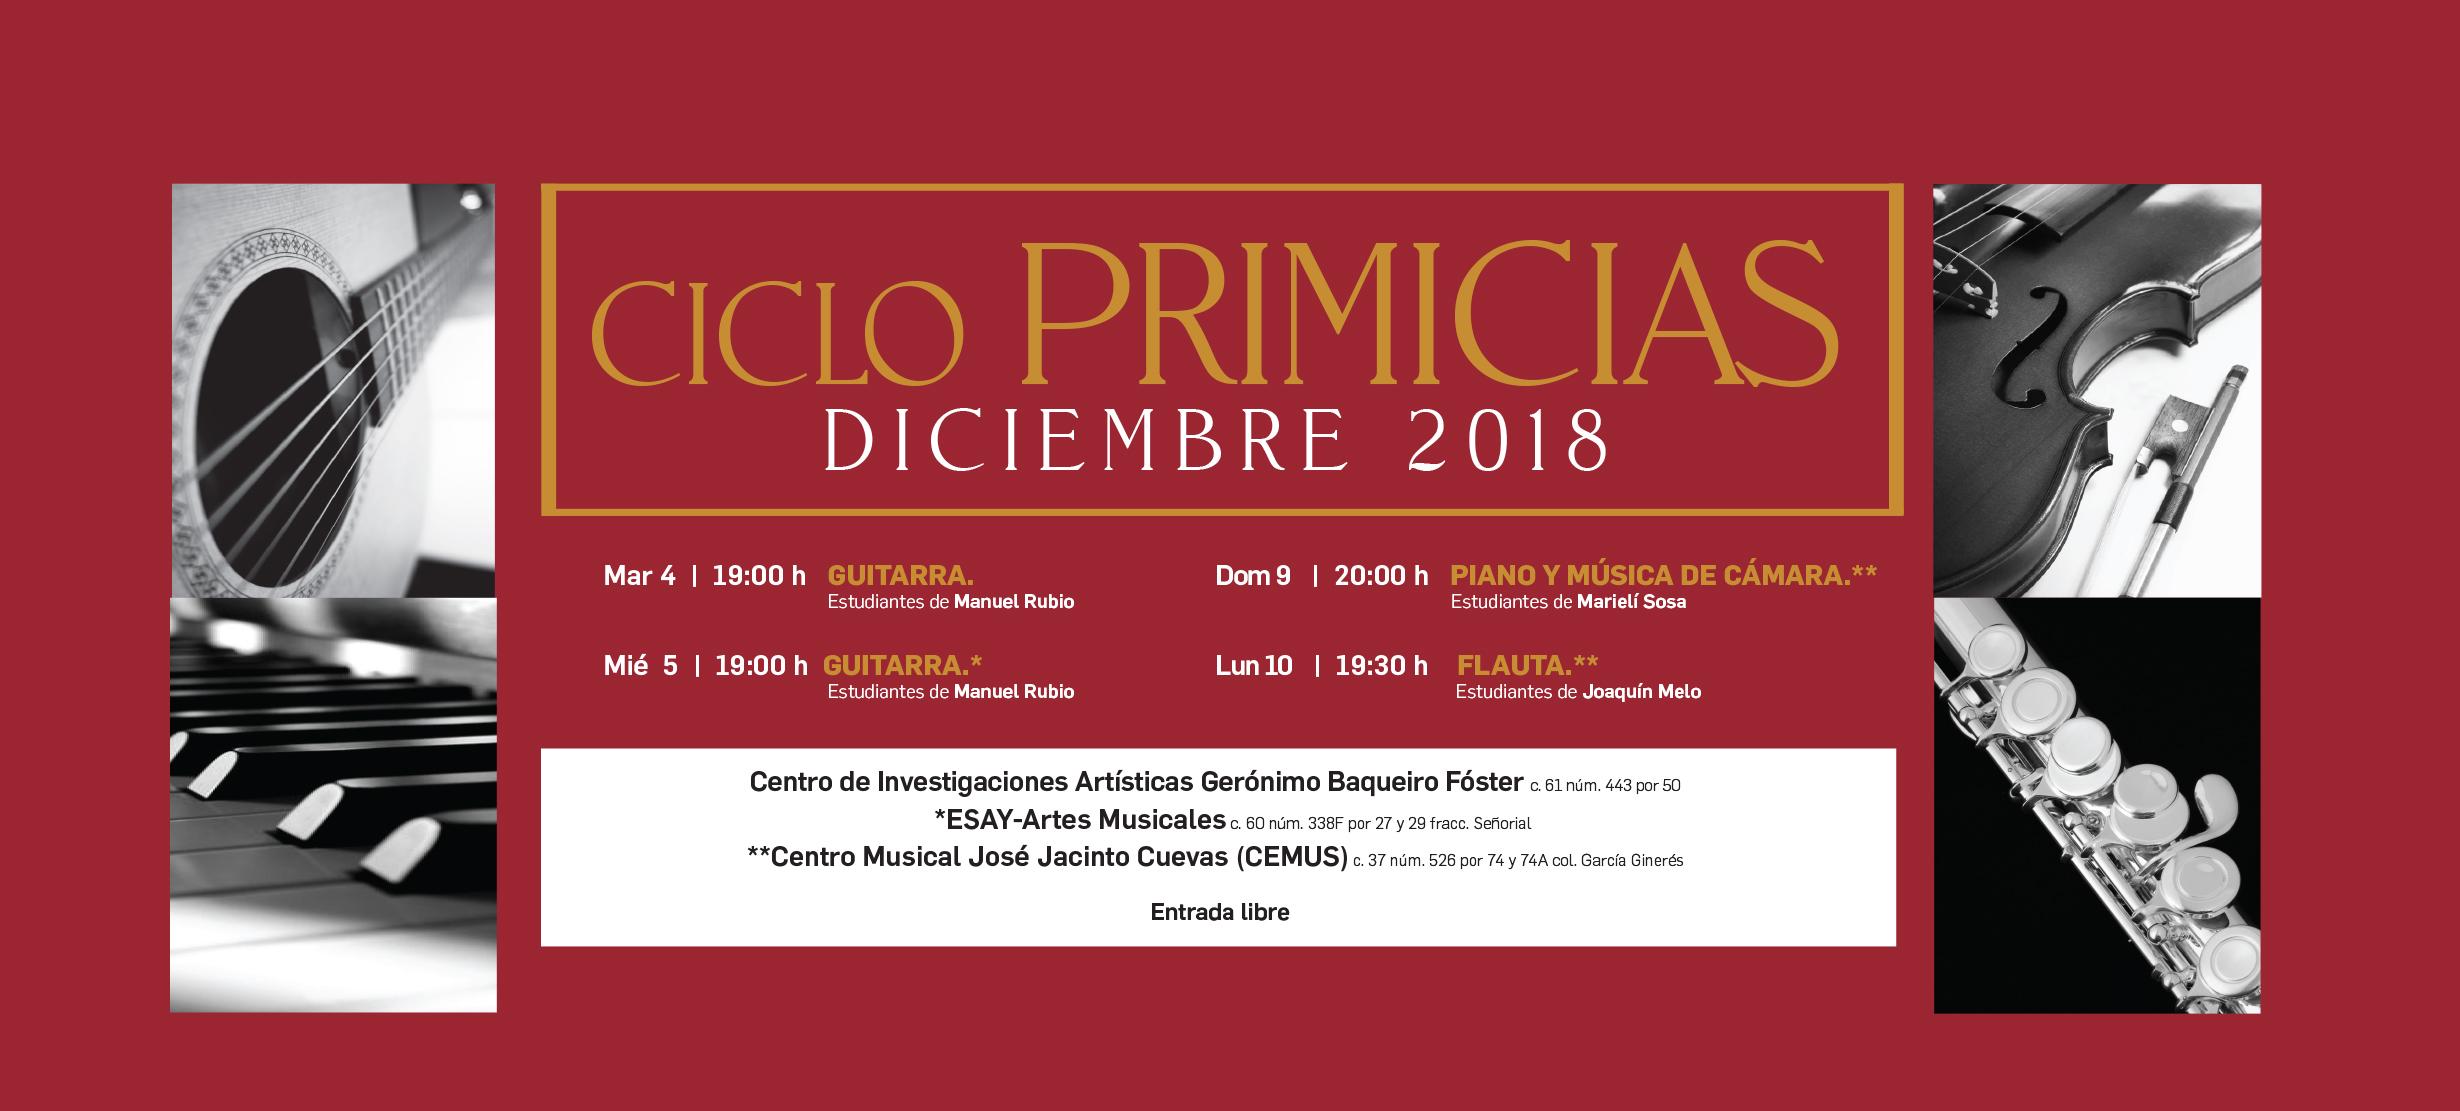 Ciclo_Primicias